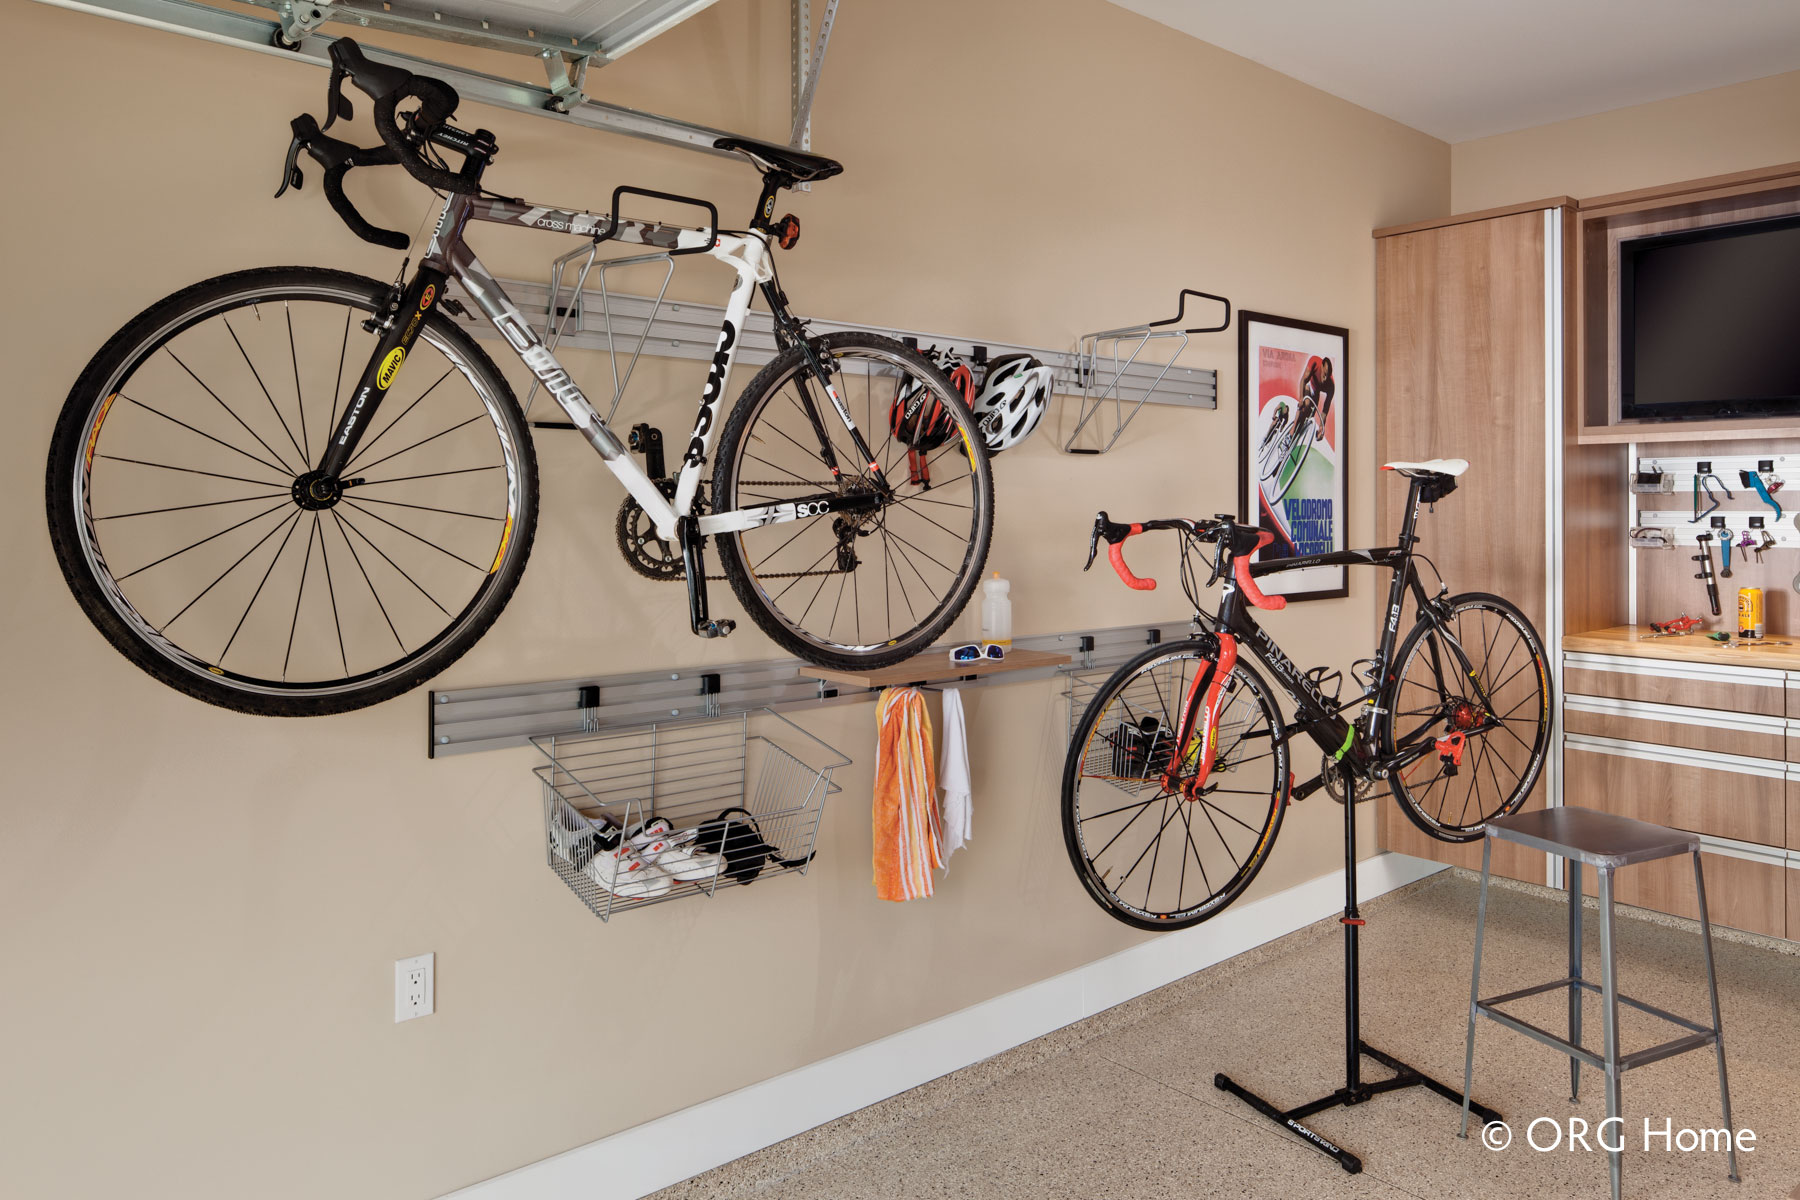 Modular wall-mounted bike hooks